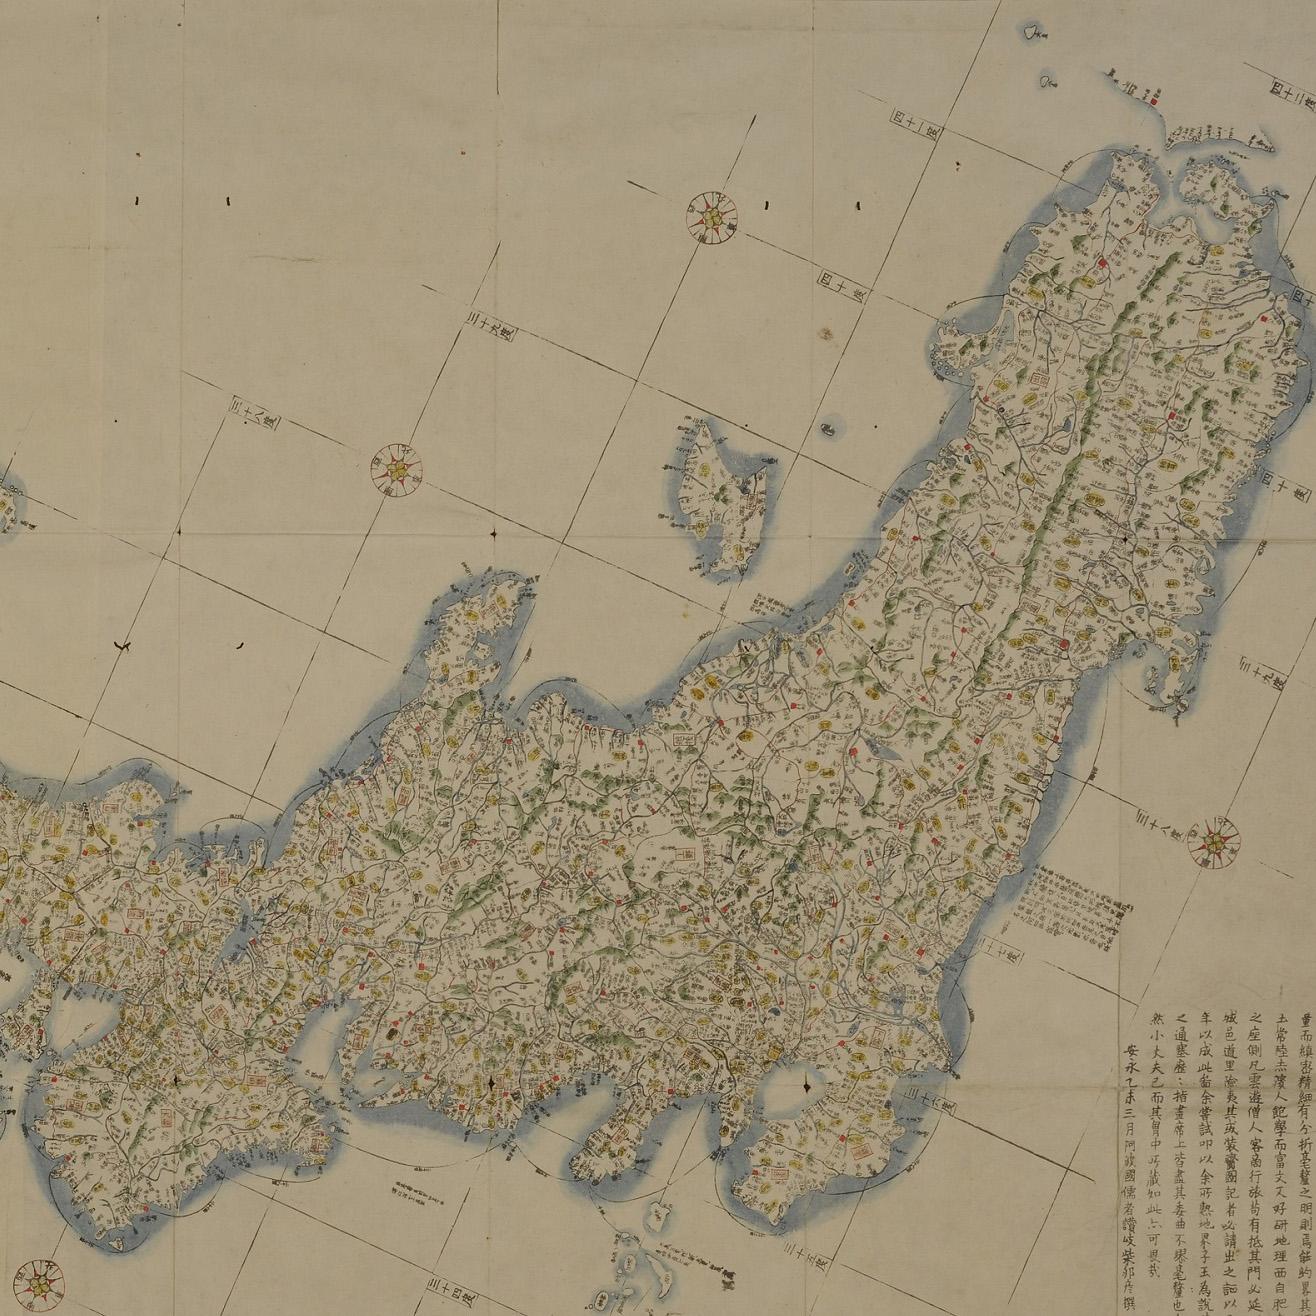 今月の逸品のご紹介「改正日本輿地路程全図(かいせいにほんよちろていぜんず)」と「 自神奈川至小田原 東海道図(かながわよりおだわらにいたるとうかいどうず)」